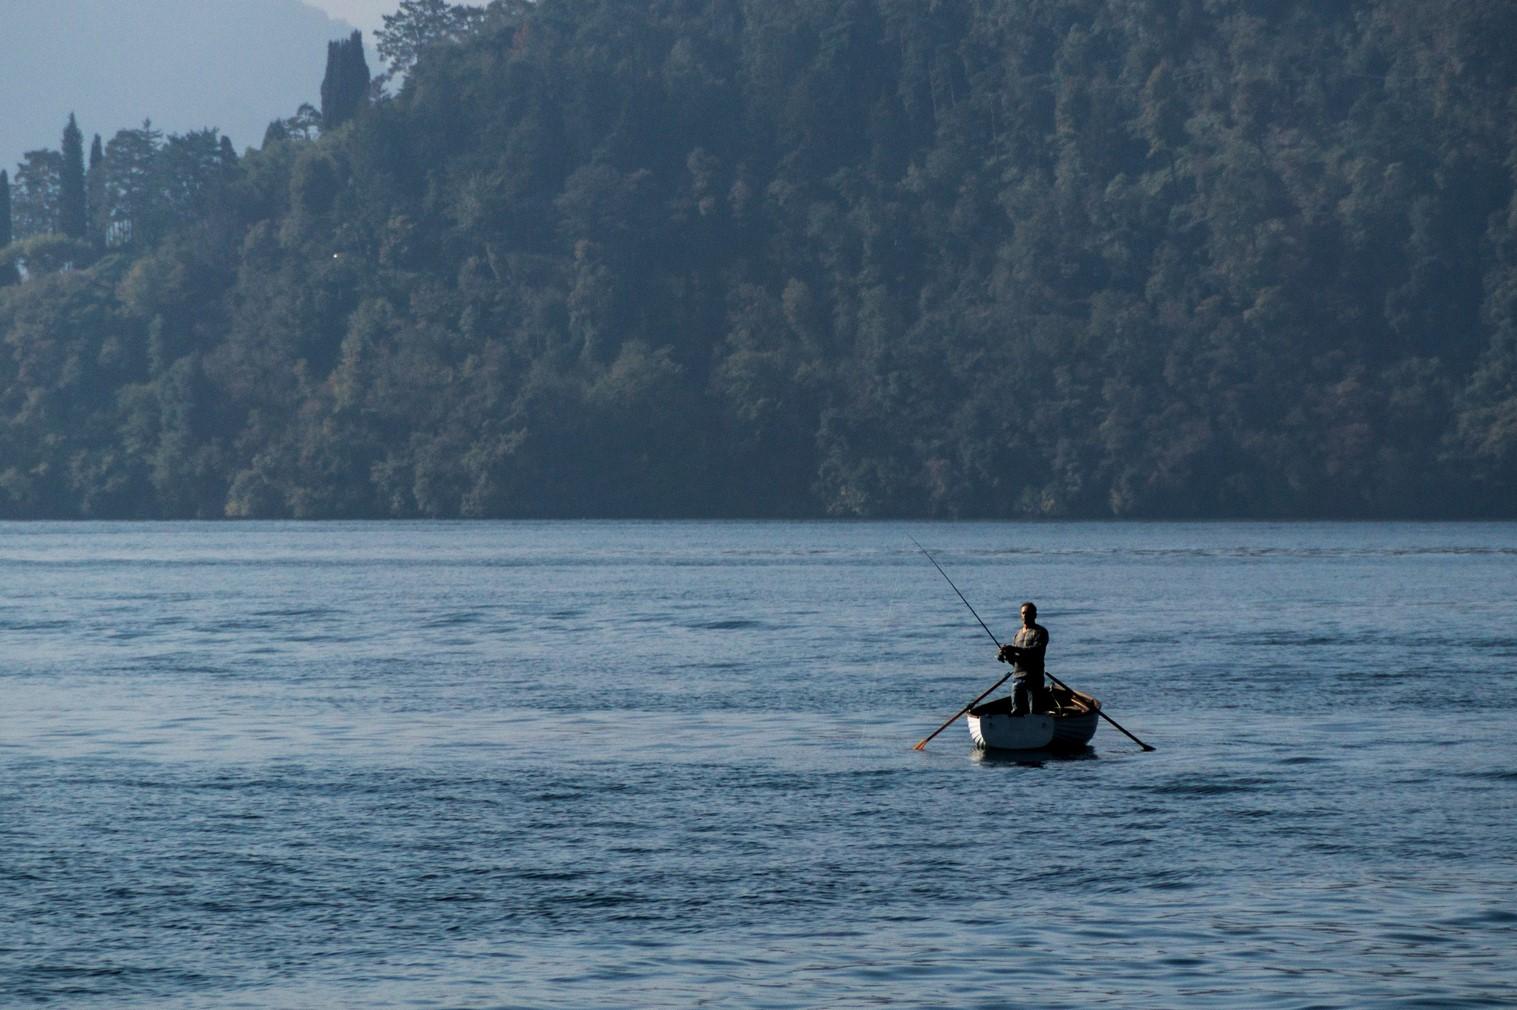 jezioro como - rybak łódź